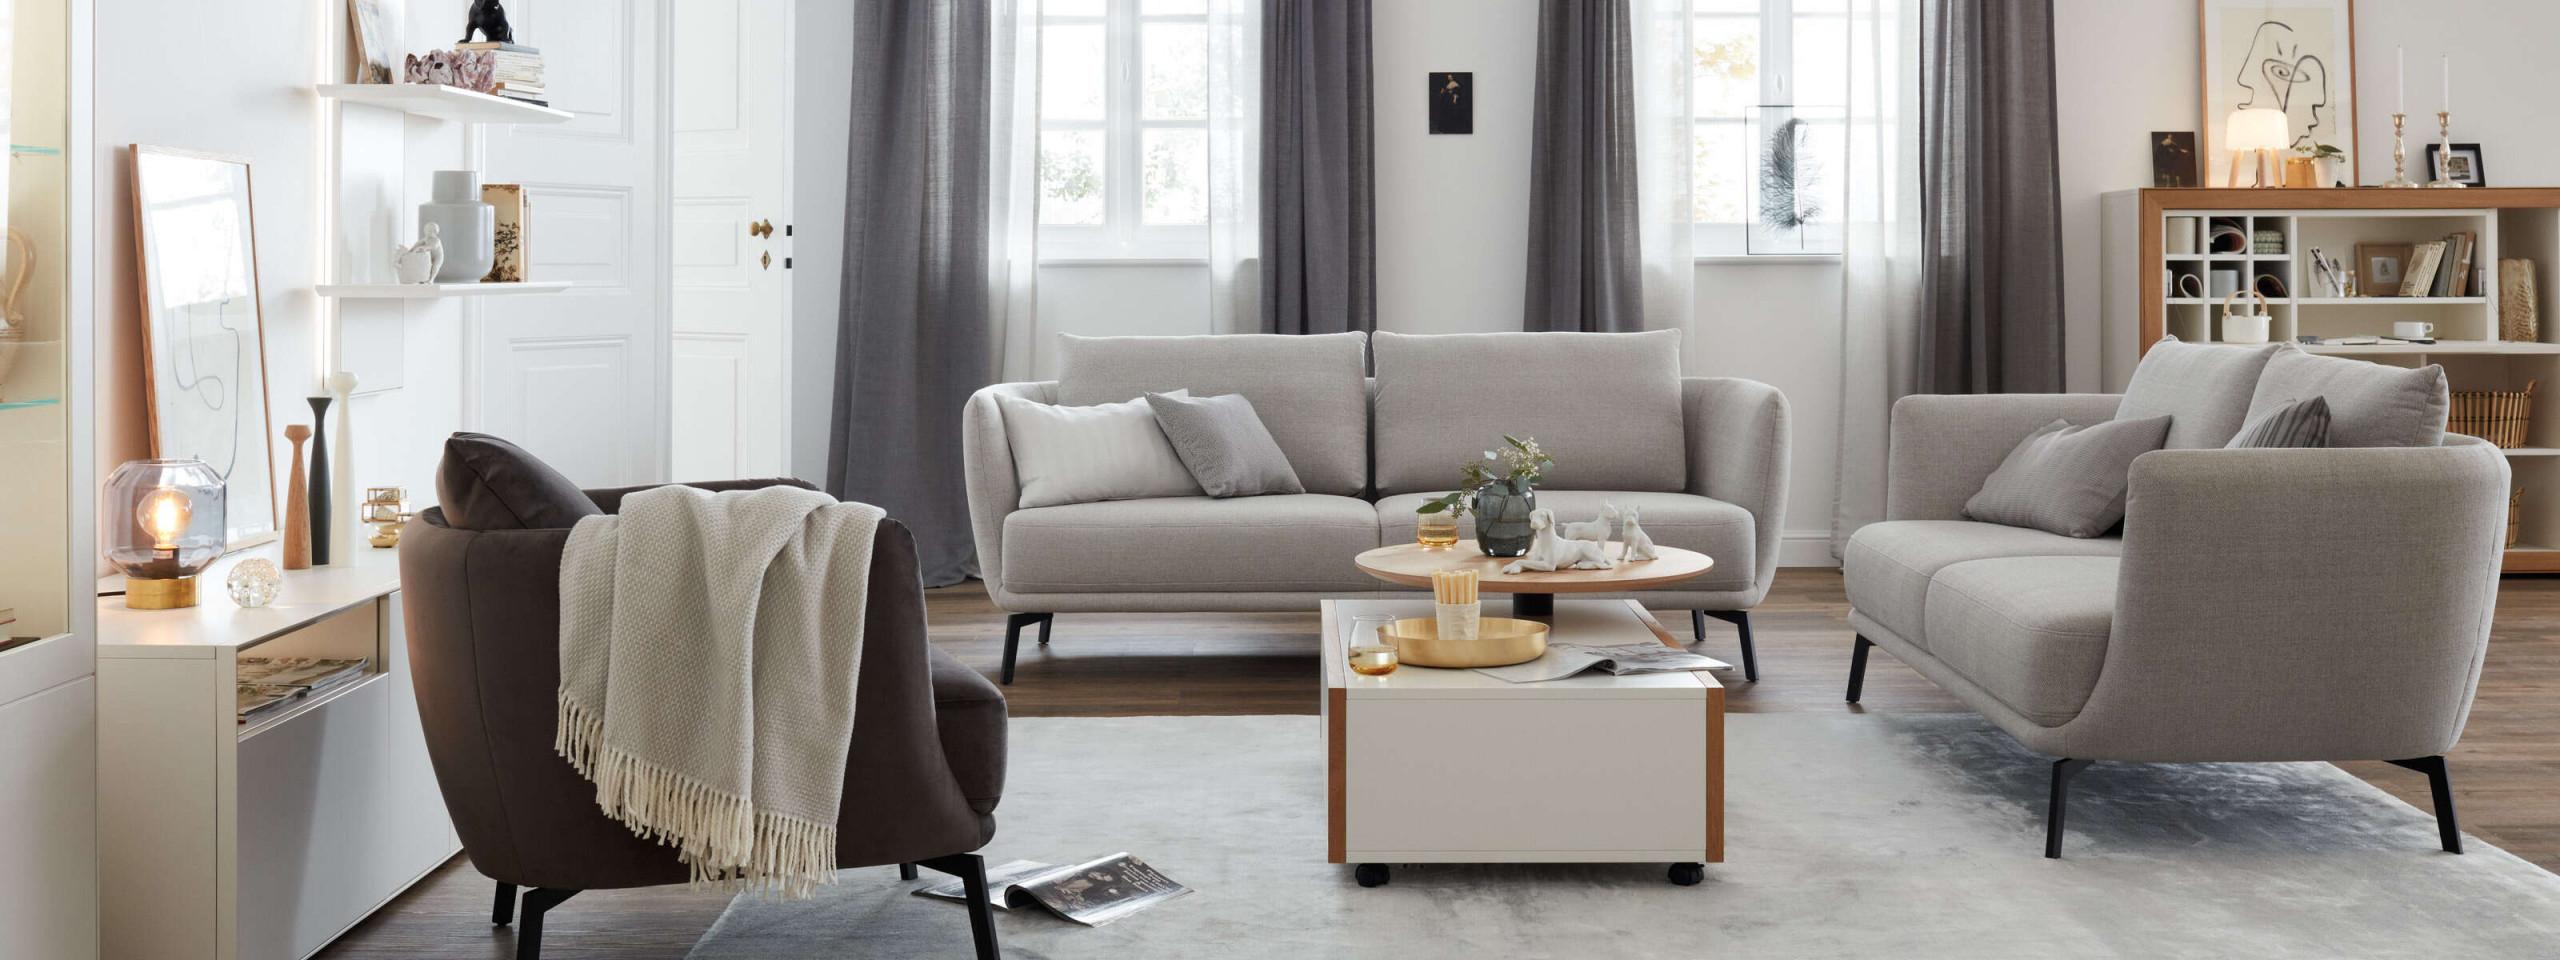 Schöner Wohnen  Wayfair von Schöner Wohnen Gardinen Wohnzimmer Bild